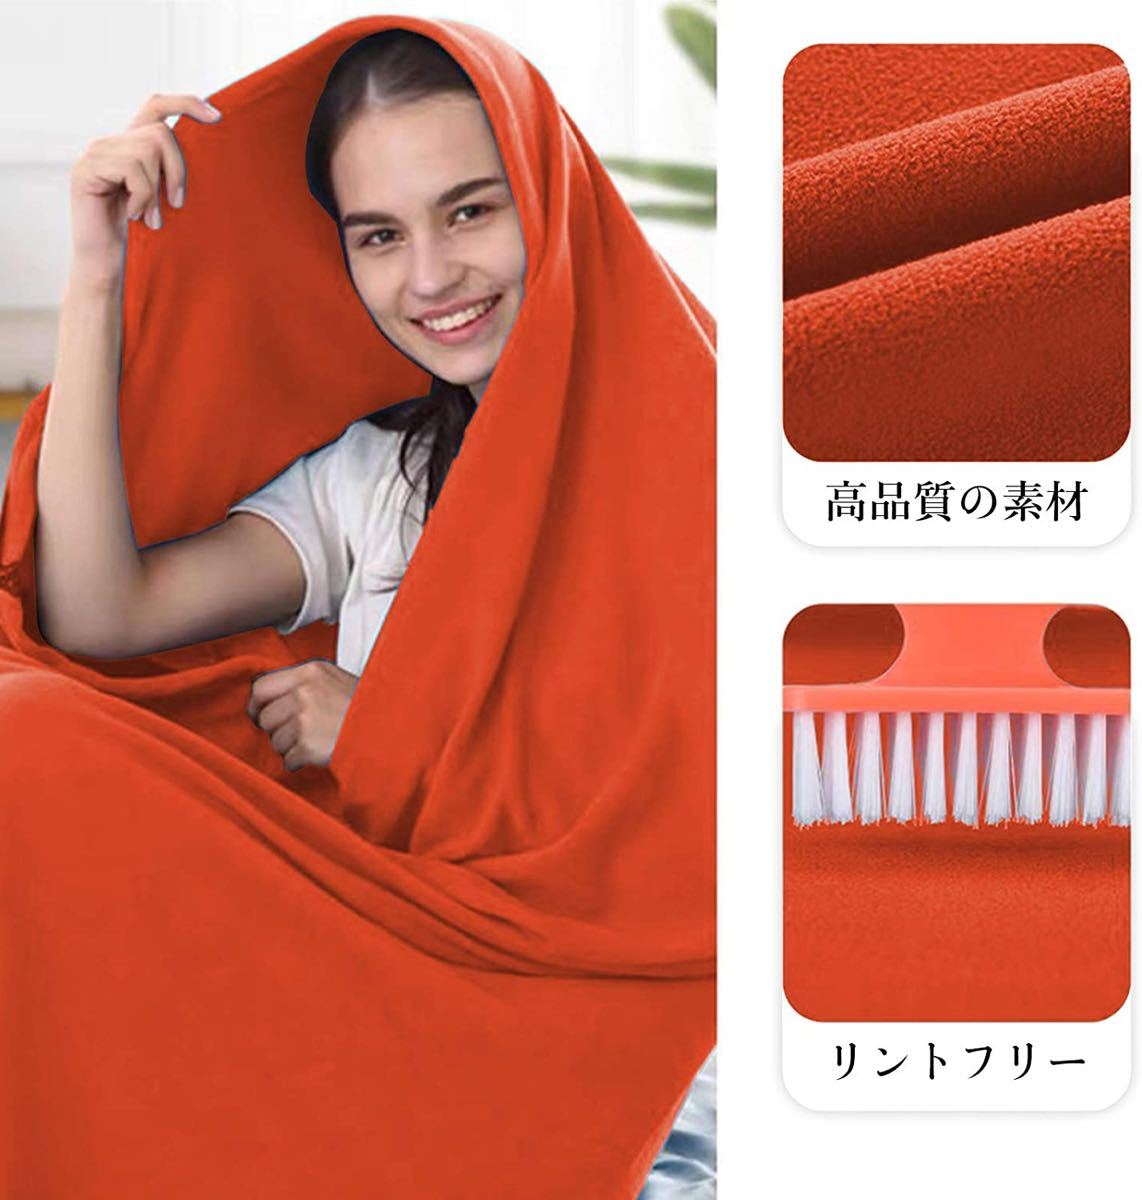 寝袋 シュラフ 封筒型 キャンプ 簡単収納 丸洗い可能 軽量 保温 収納袋付き